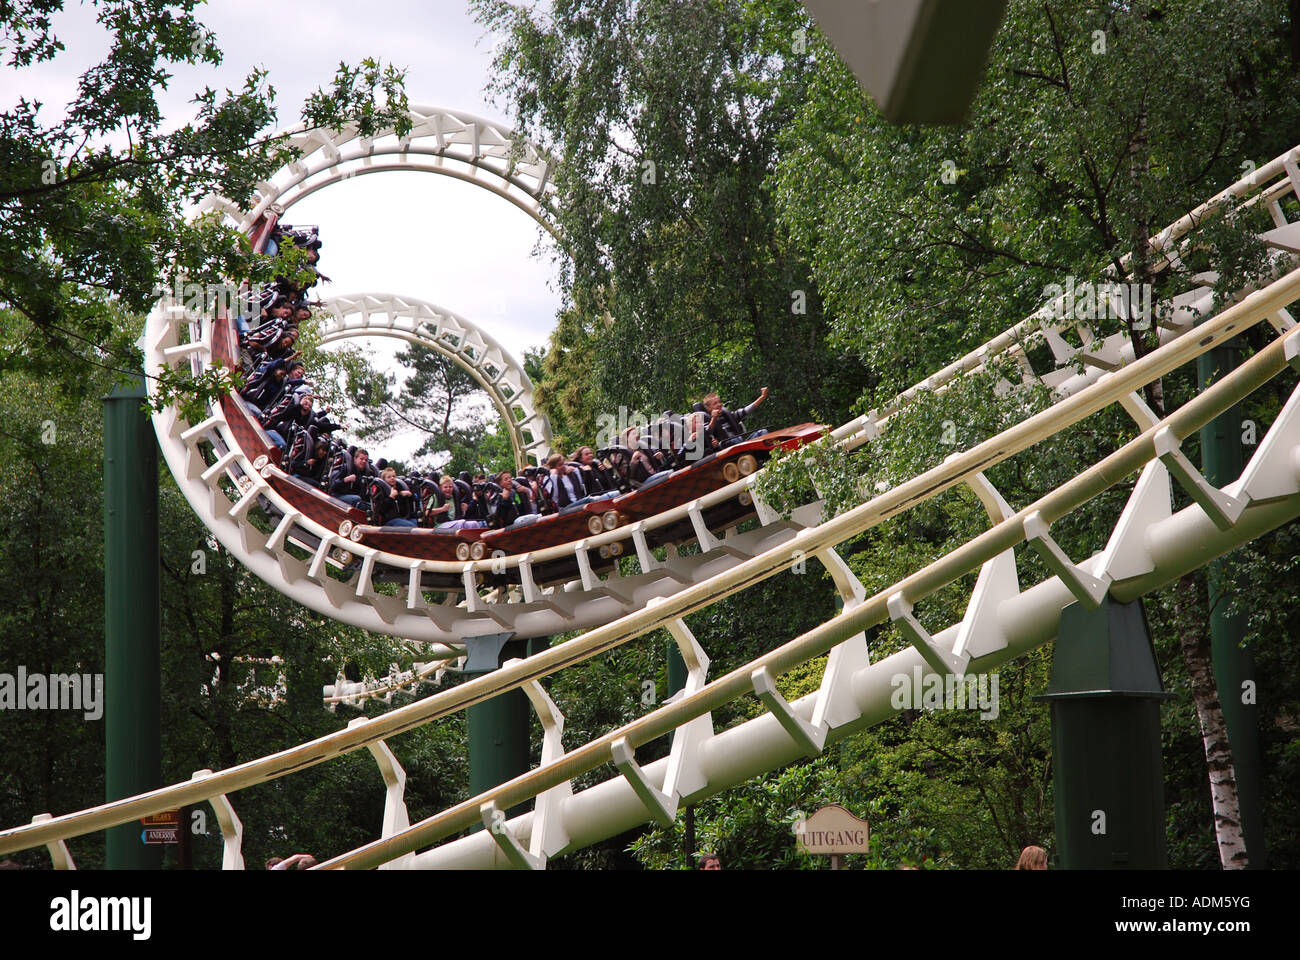 Detail of roller coaster at efteling theme park for Amusement park netherlands